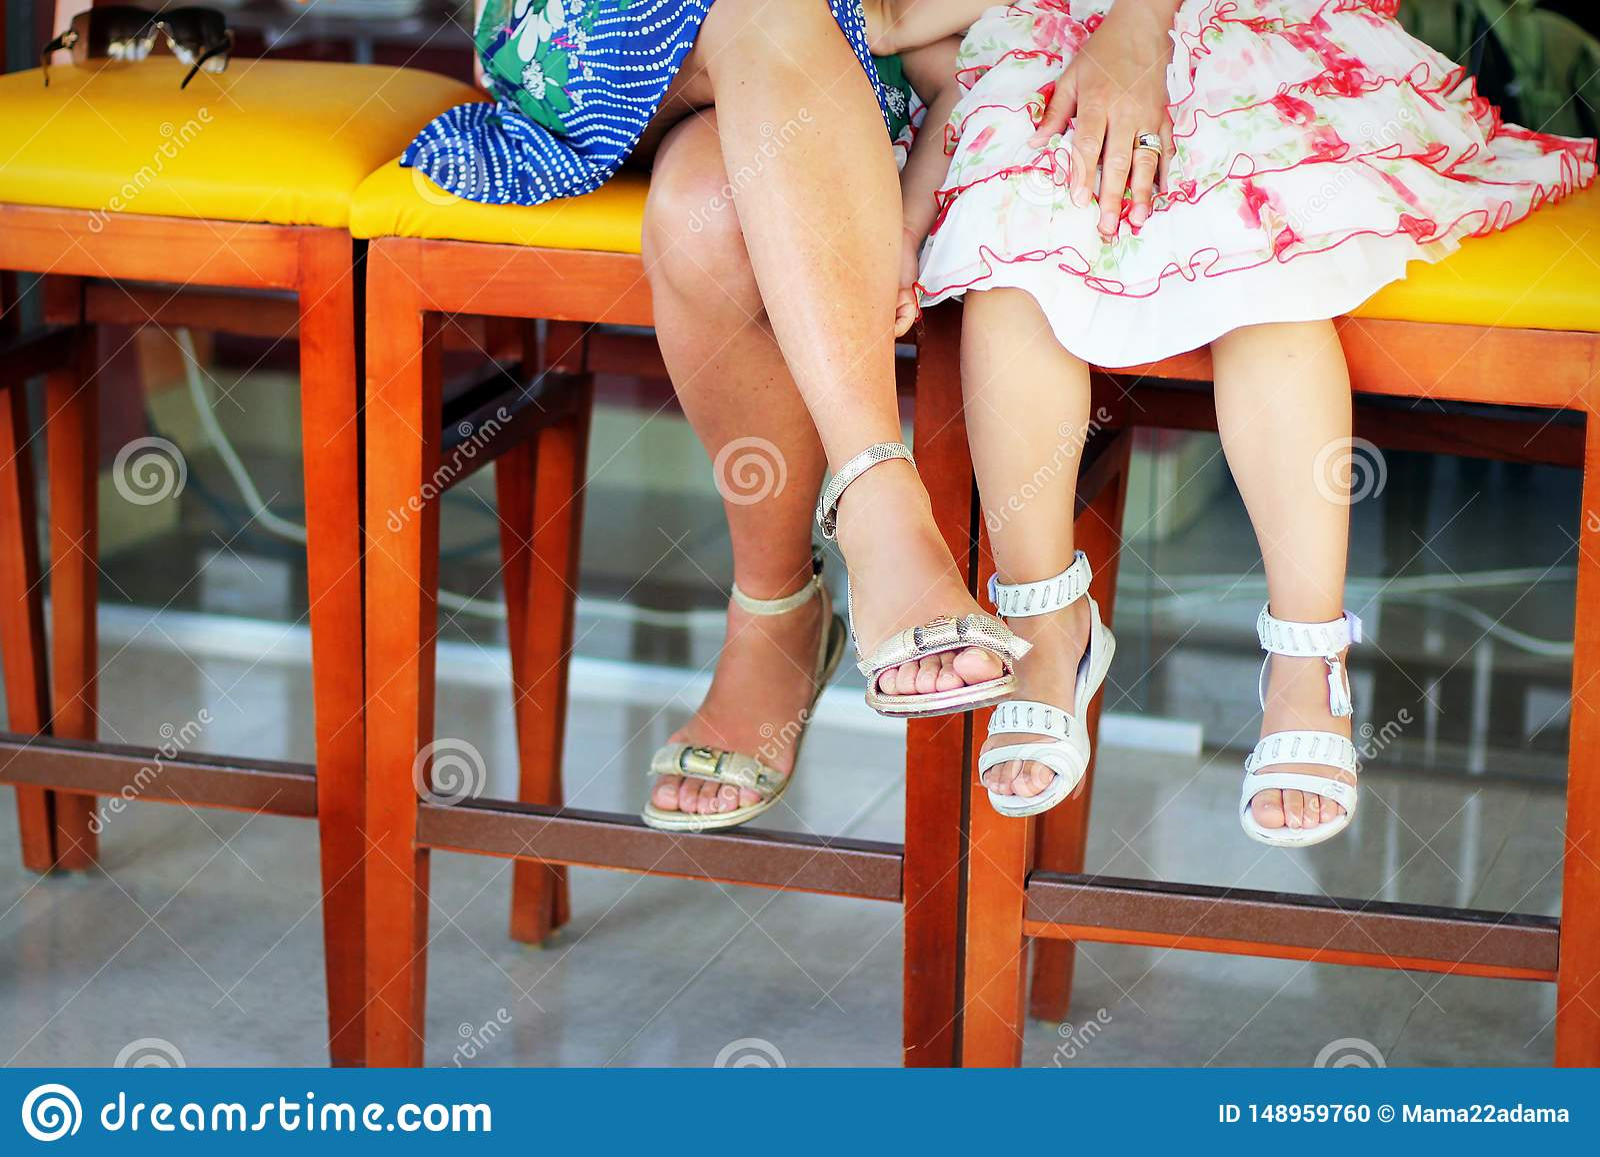 Legs in summer